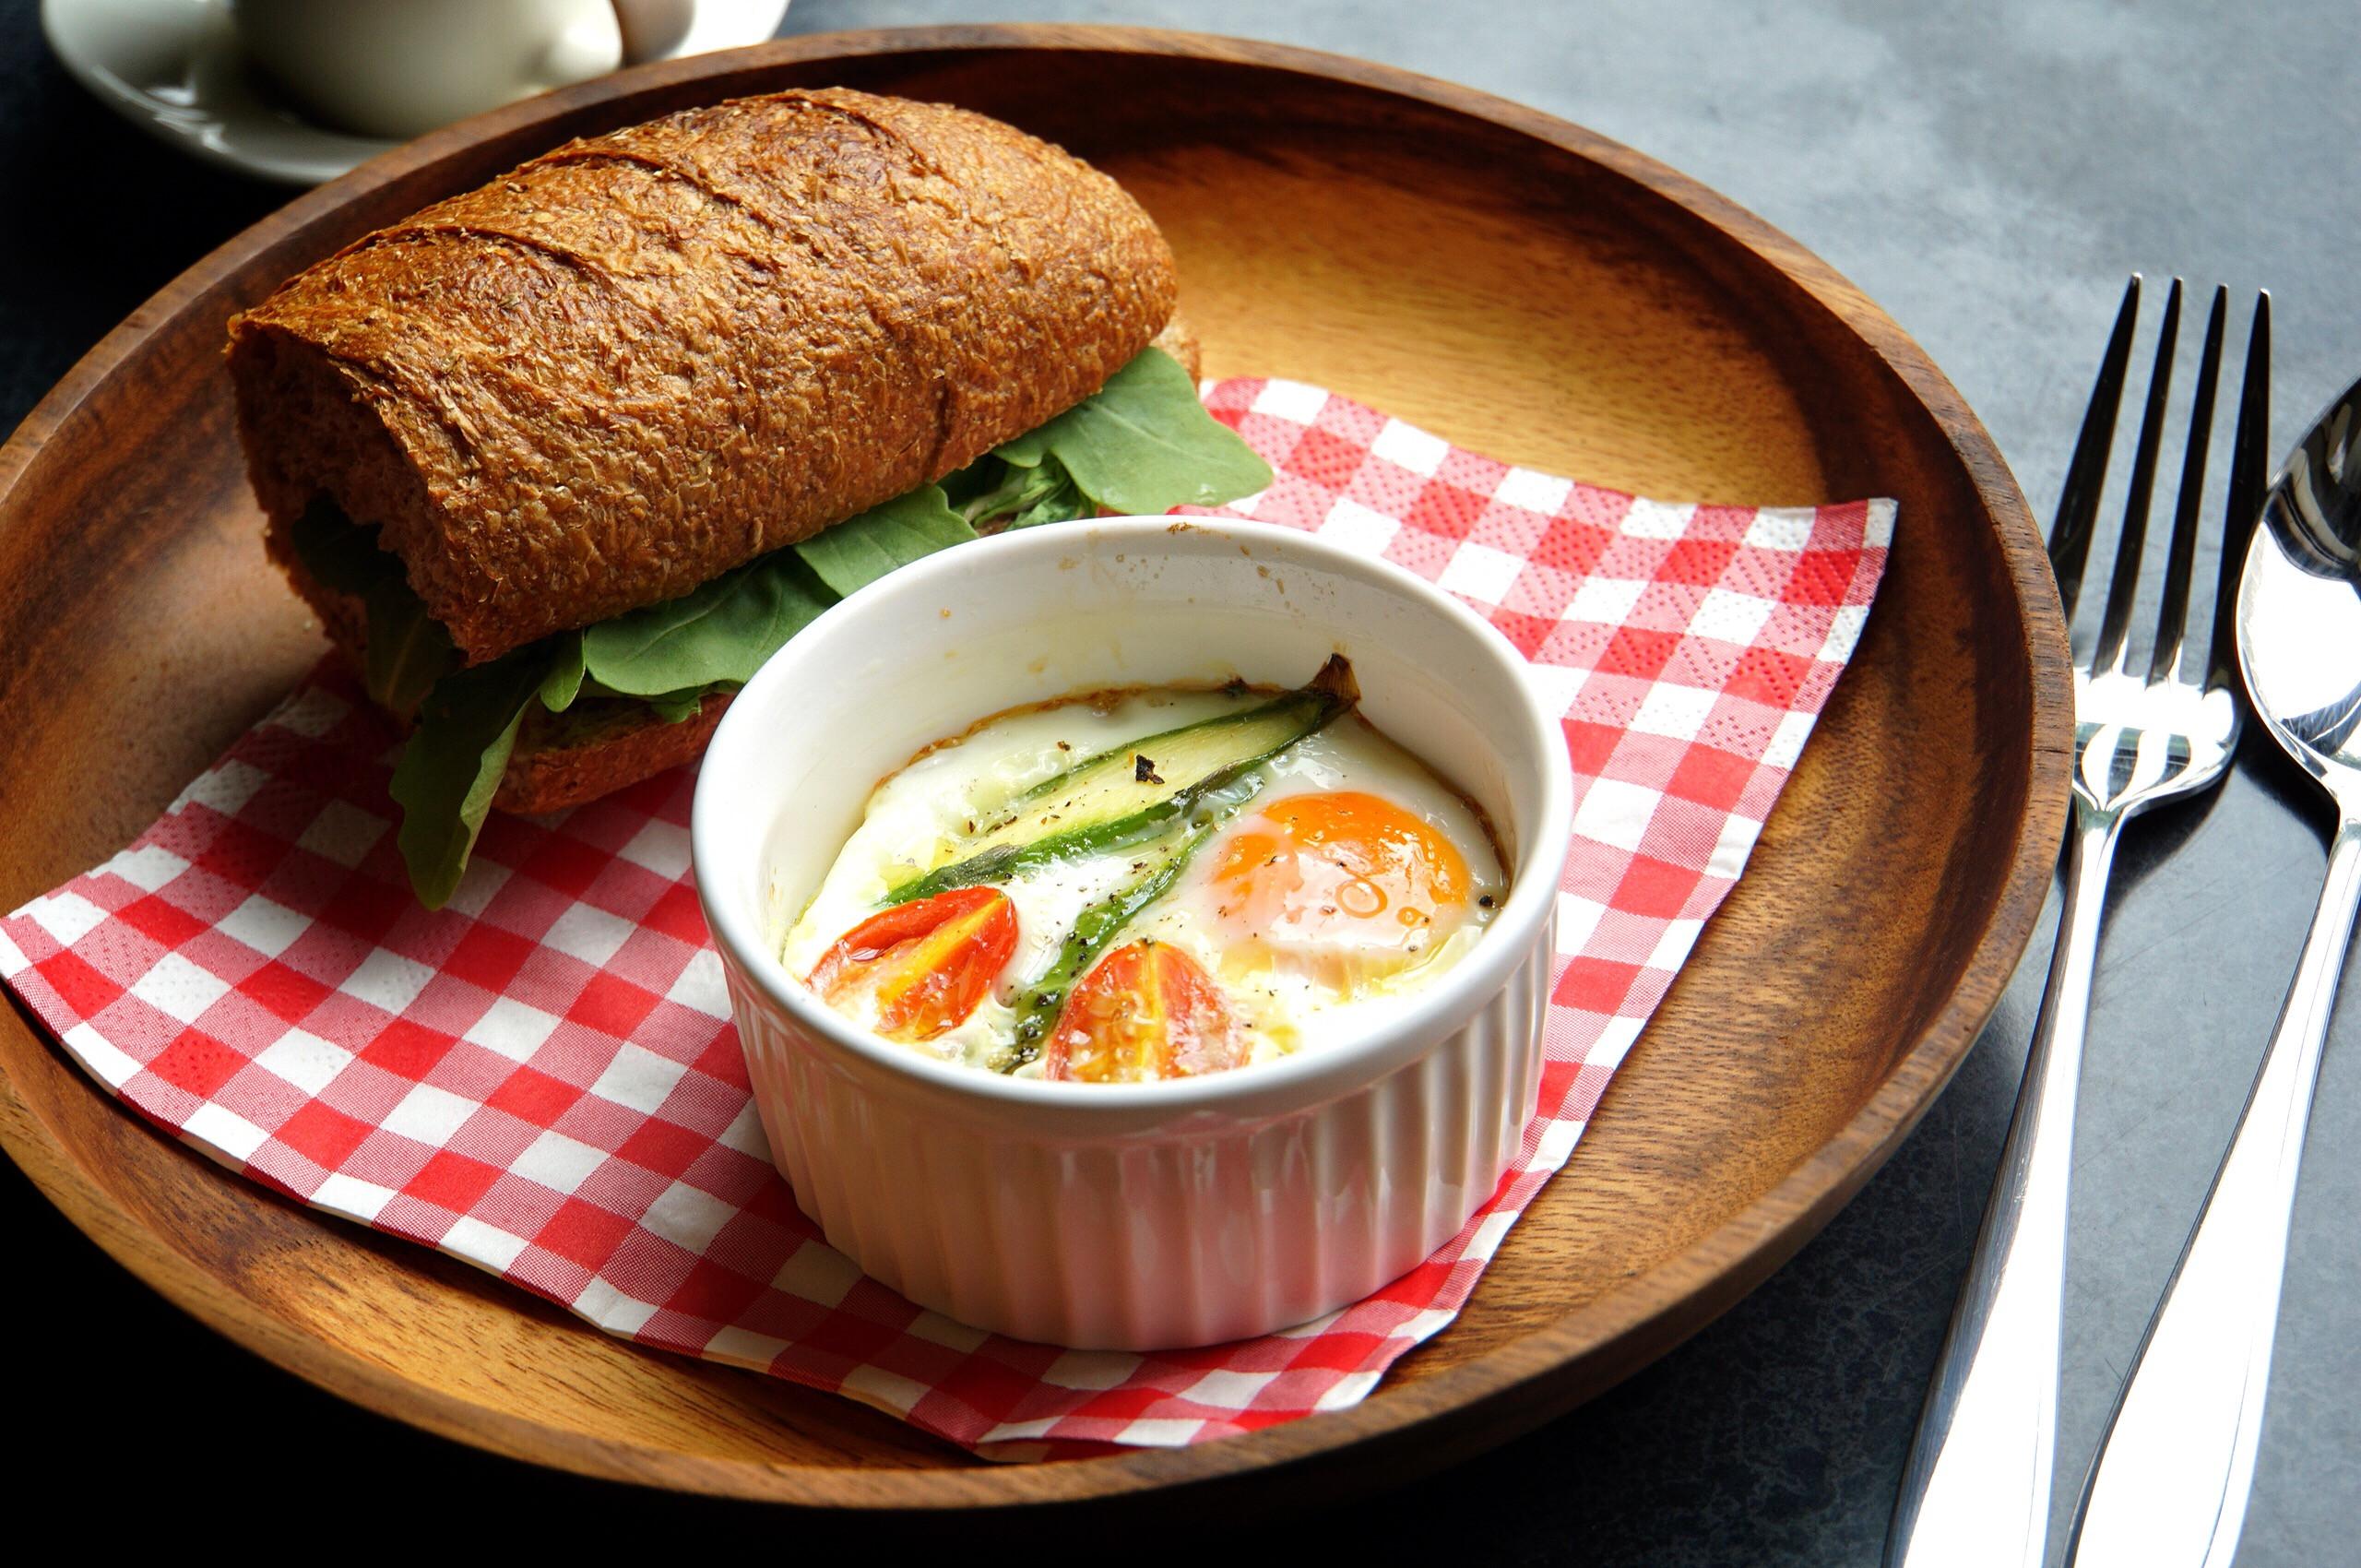 番茄蘆筍烤蛋佐芝麻葉起司麵包